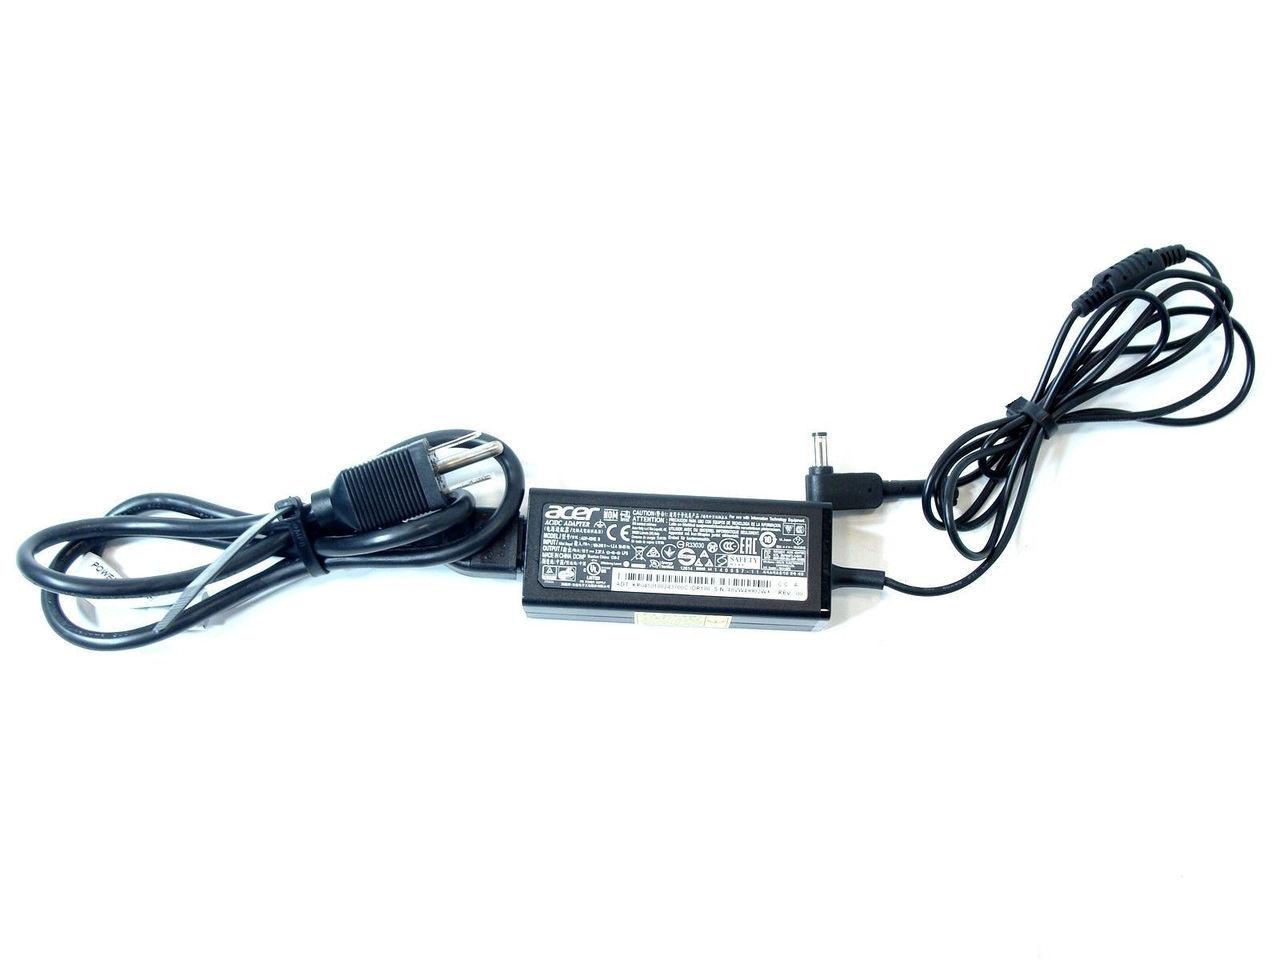 Acer Aspire E5-422 19.5V 2.37A 45W AC Adapter AG19023B011 E5-731